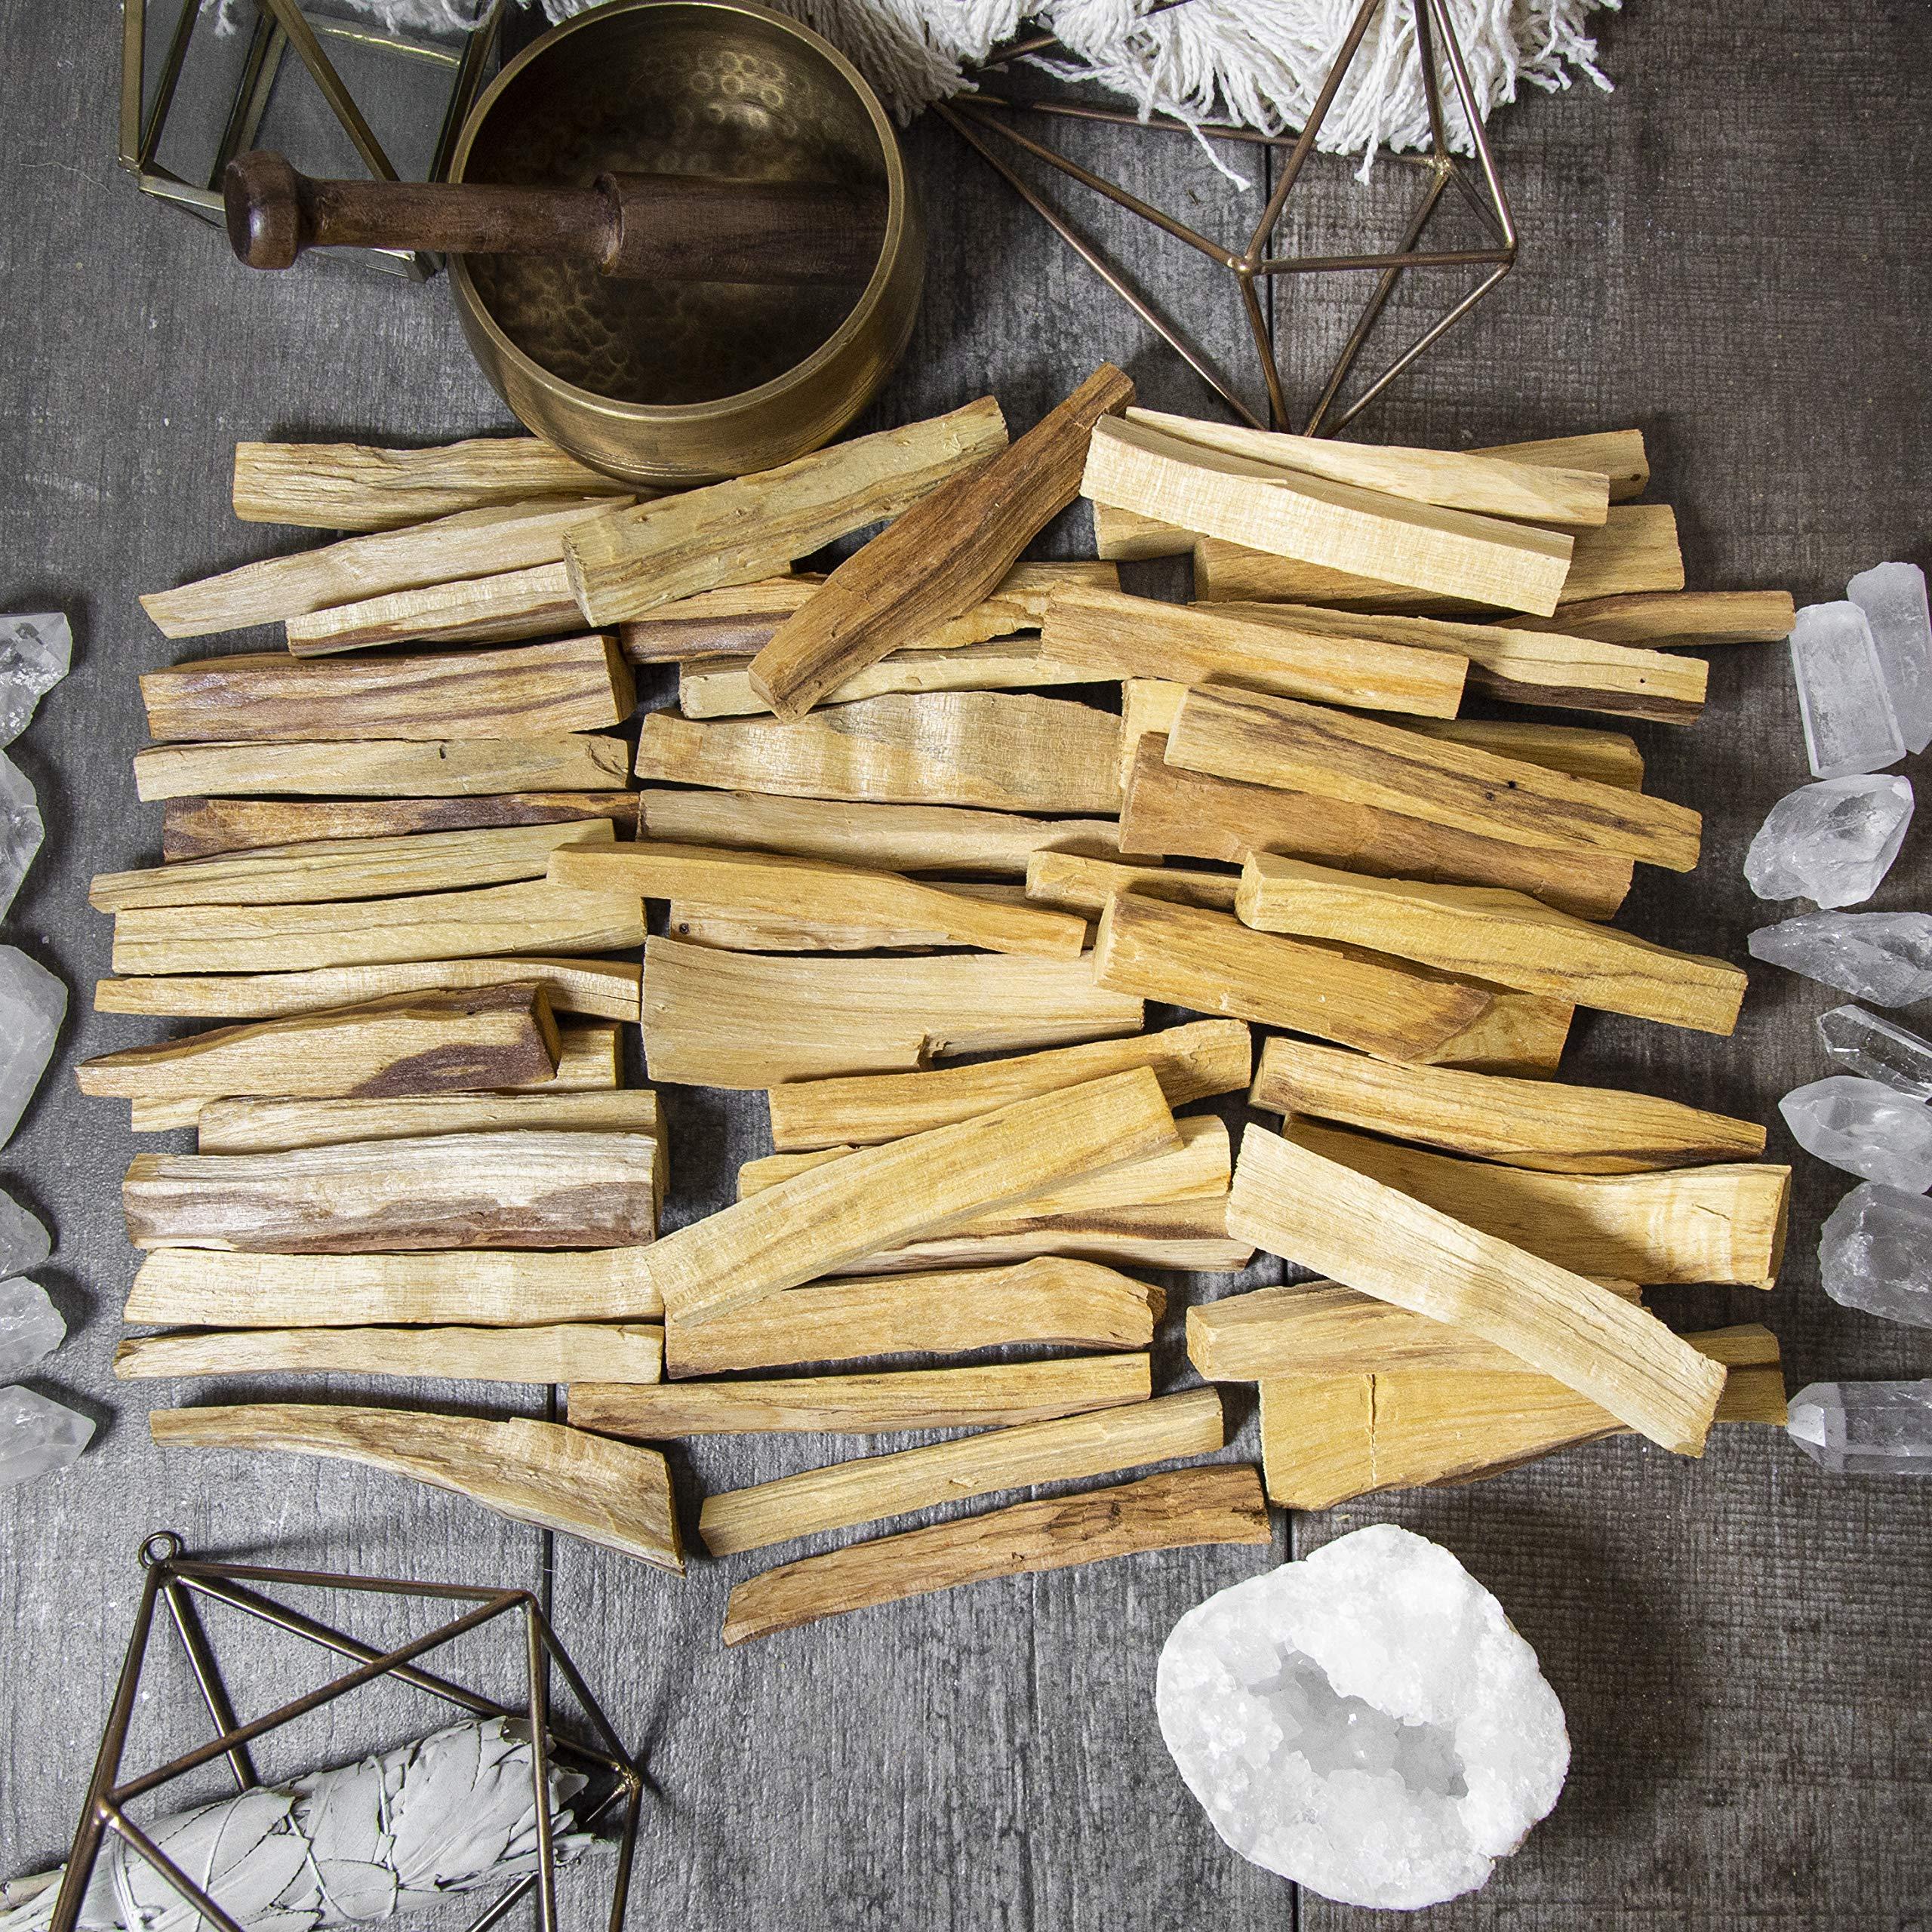 Beverly Oaks A-Grade Palo Santo Sticks - Palo Santo Incense - Palo Santo Smudge Sticks Bulk Lot for Cleansing, Smudging, Meditation and Purification (1 Pound) by Beverly Oaks (Image #4)